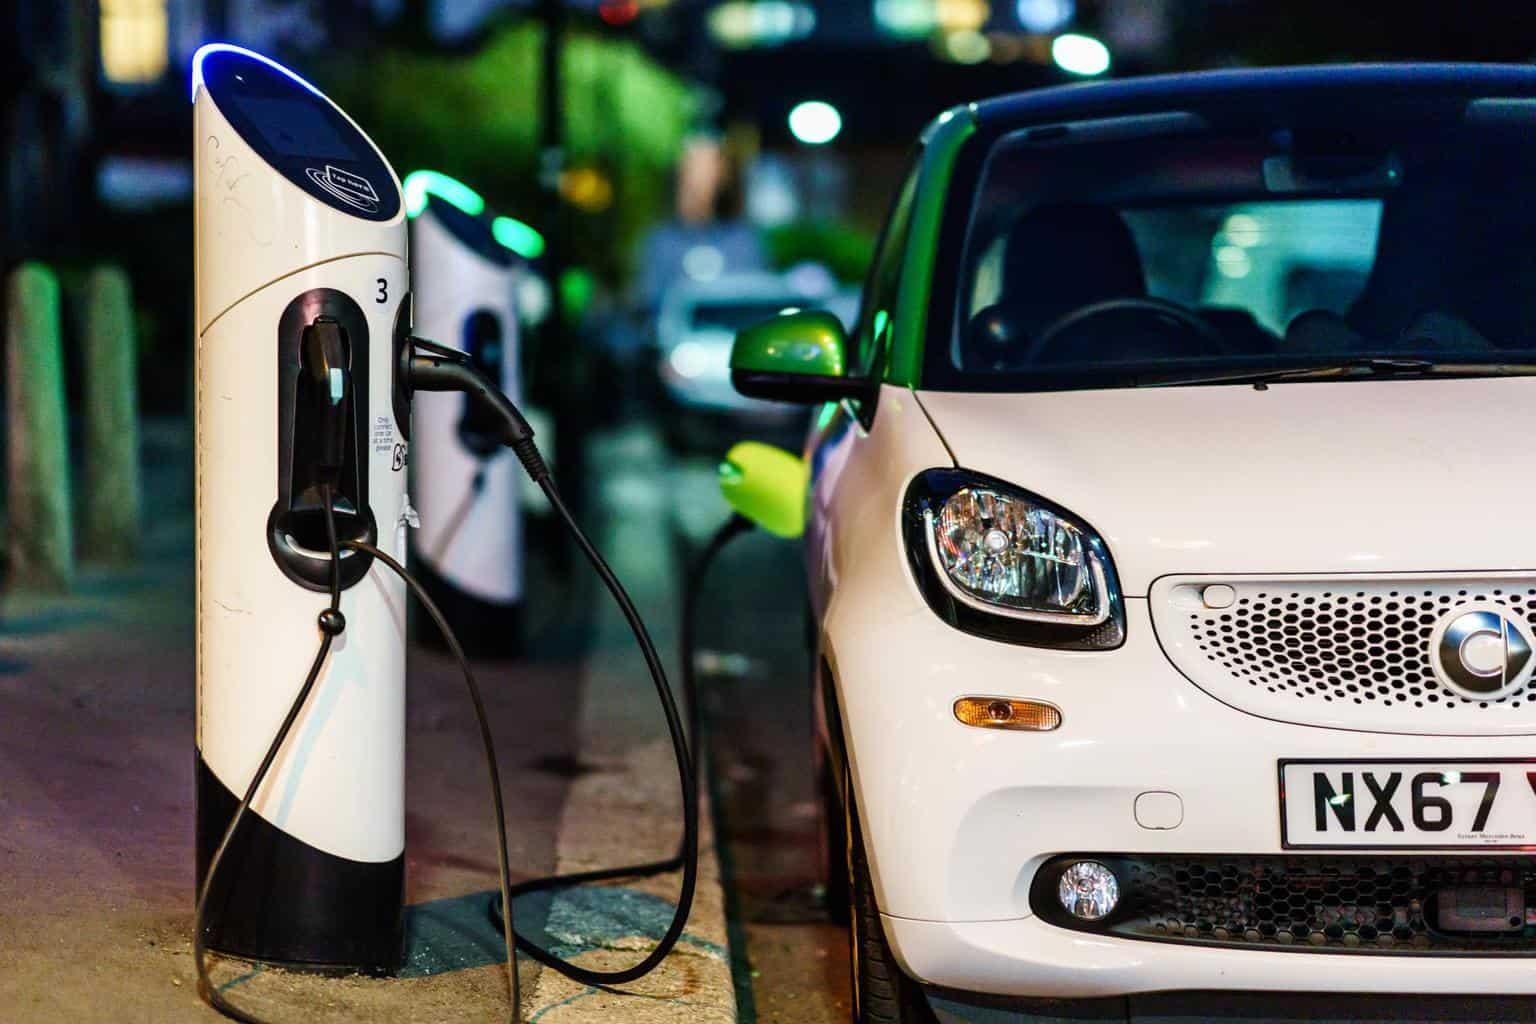 Verbände fordern günstigere Strompreise für nächtliches E-Auto-Laden